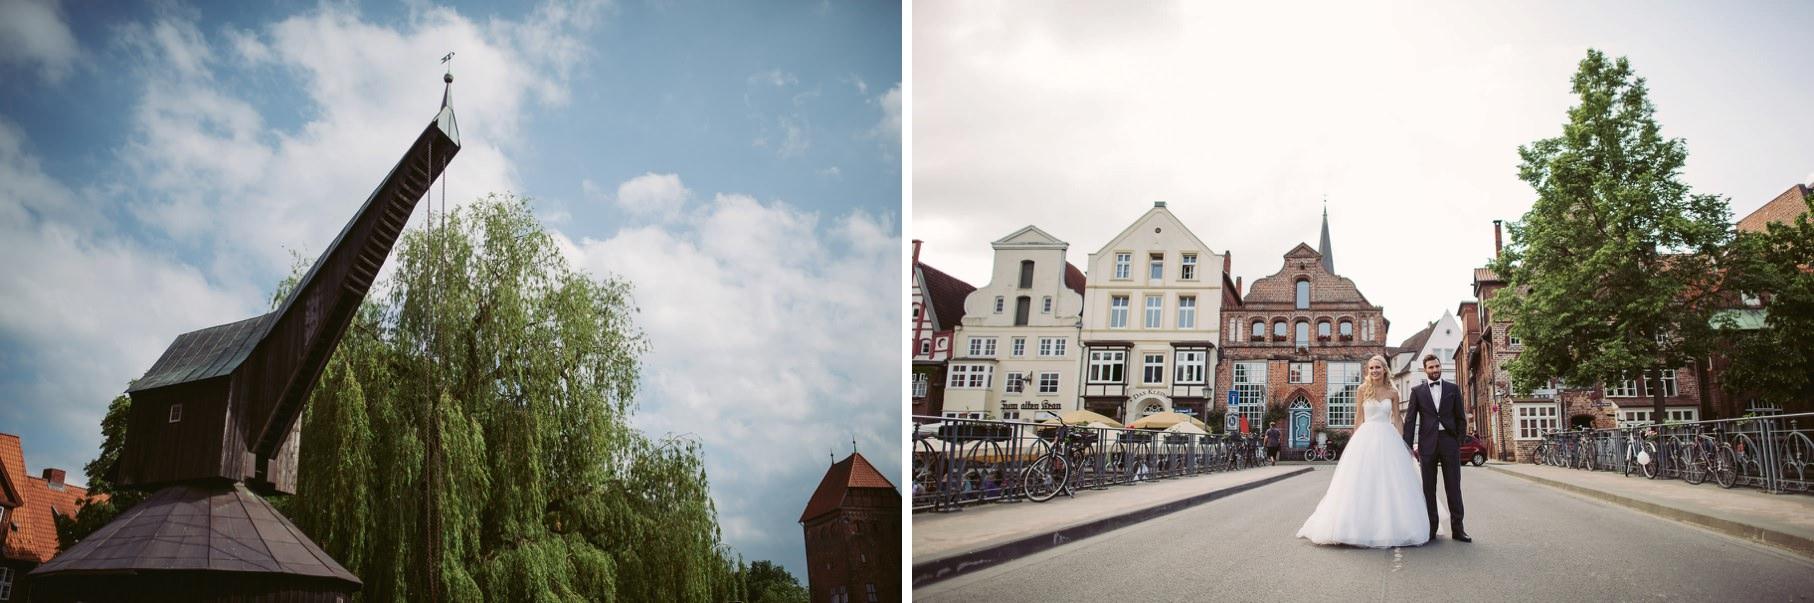 0049 jus 811 9932 - Hochzeit im Wasserturm Lüneburg - Jenny & Sascha